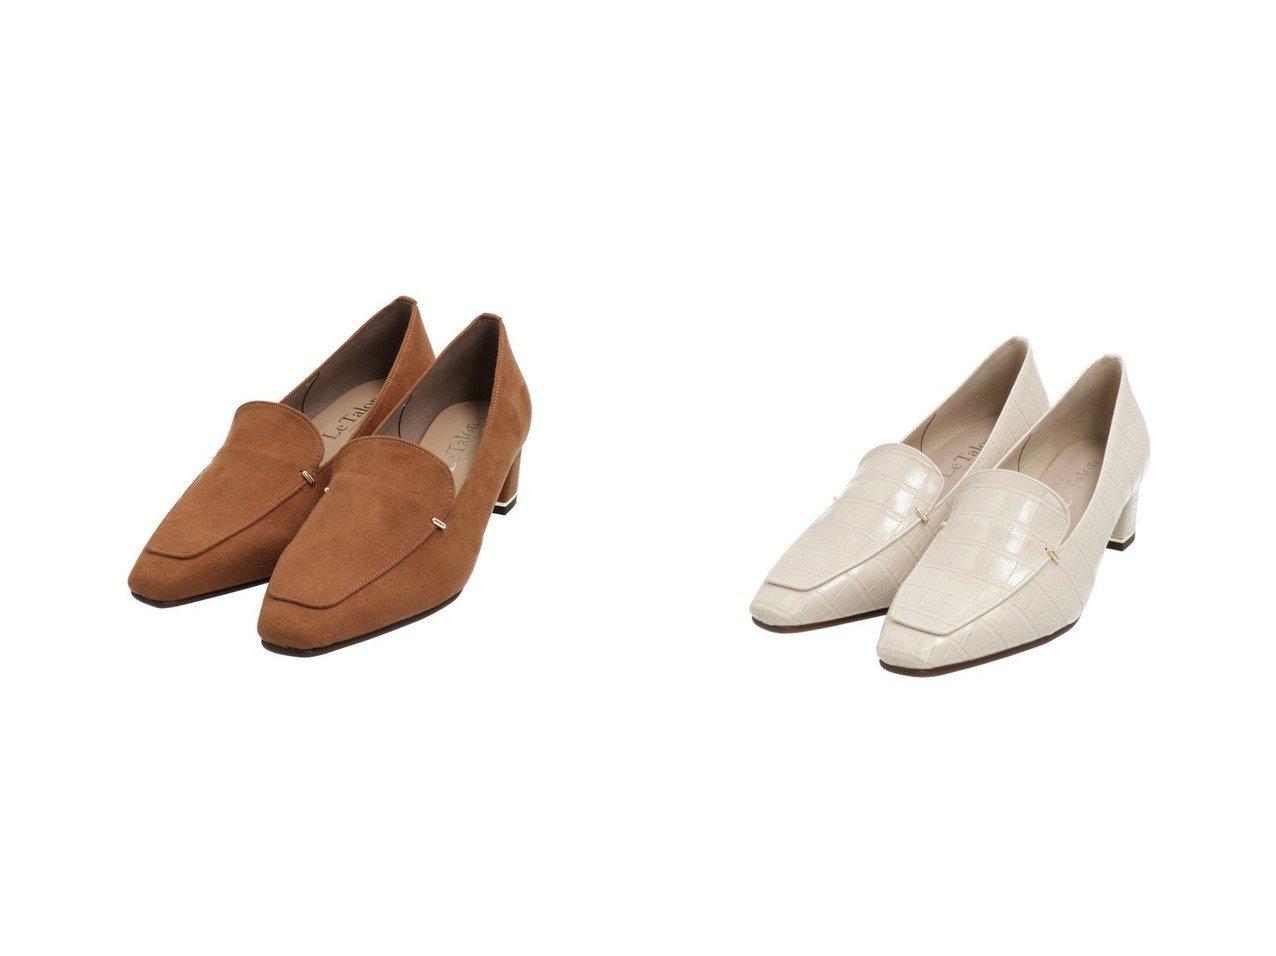 【Le Talon/ル タロン】の4.5cmスクエアローファー&4.5cmスクエアローファー シューズ・靴のおすすめ!人気、トレンド・レディースファッションの通販  おすすめで人気の流行・トレンド、ファッションの通販商品 メンズファッション・キッズファッション・インテリア・家具・レディースファッション・服の通販 founy(ファニー) https://founy.com/ ファッション Fashion レディースファッション WOMEN 2020年 2020 2020-2021 秋冬 A/W AW Autumn/Winter / FW Fall-Winter 2020-2021 A/W 秋冬 AW Autumn/Winter / FW Fall-Winter インソール クッション シューズ シンプル ドレス |ID:crp329100000010823